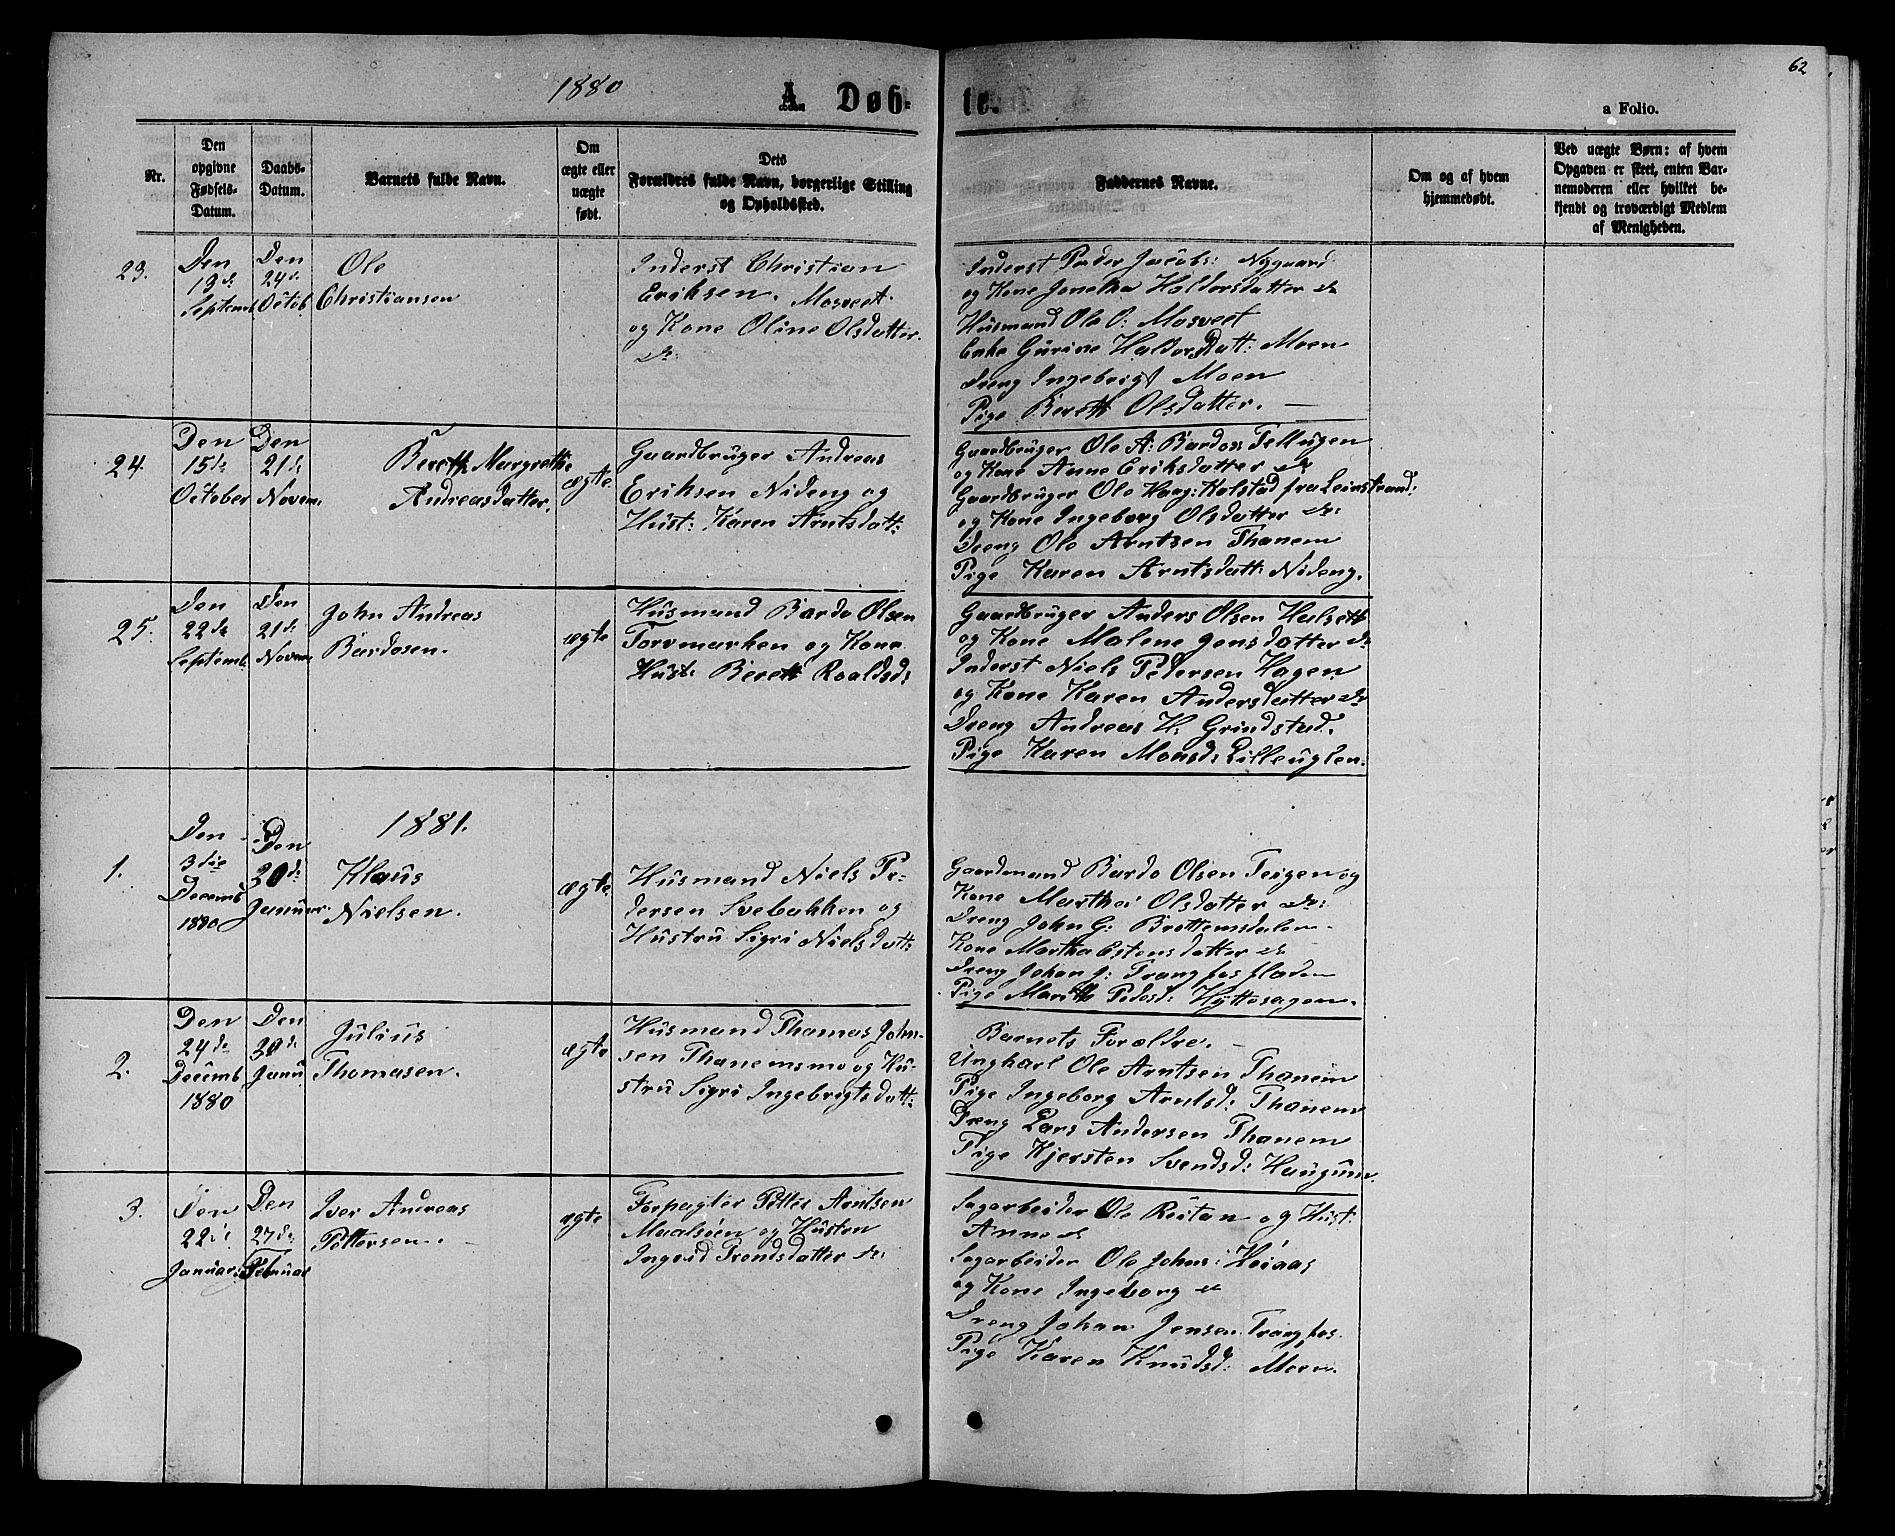 SAT, Ministerialprotokoller, klokkerbøker og fødselsregistre - Sør-Trøndelag, 618/L0451: Klokkerbok nr. 618C02, 1865-1883, s. 62